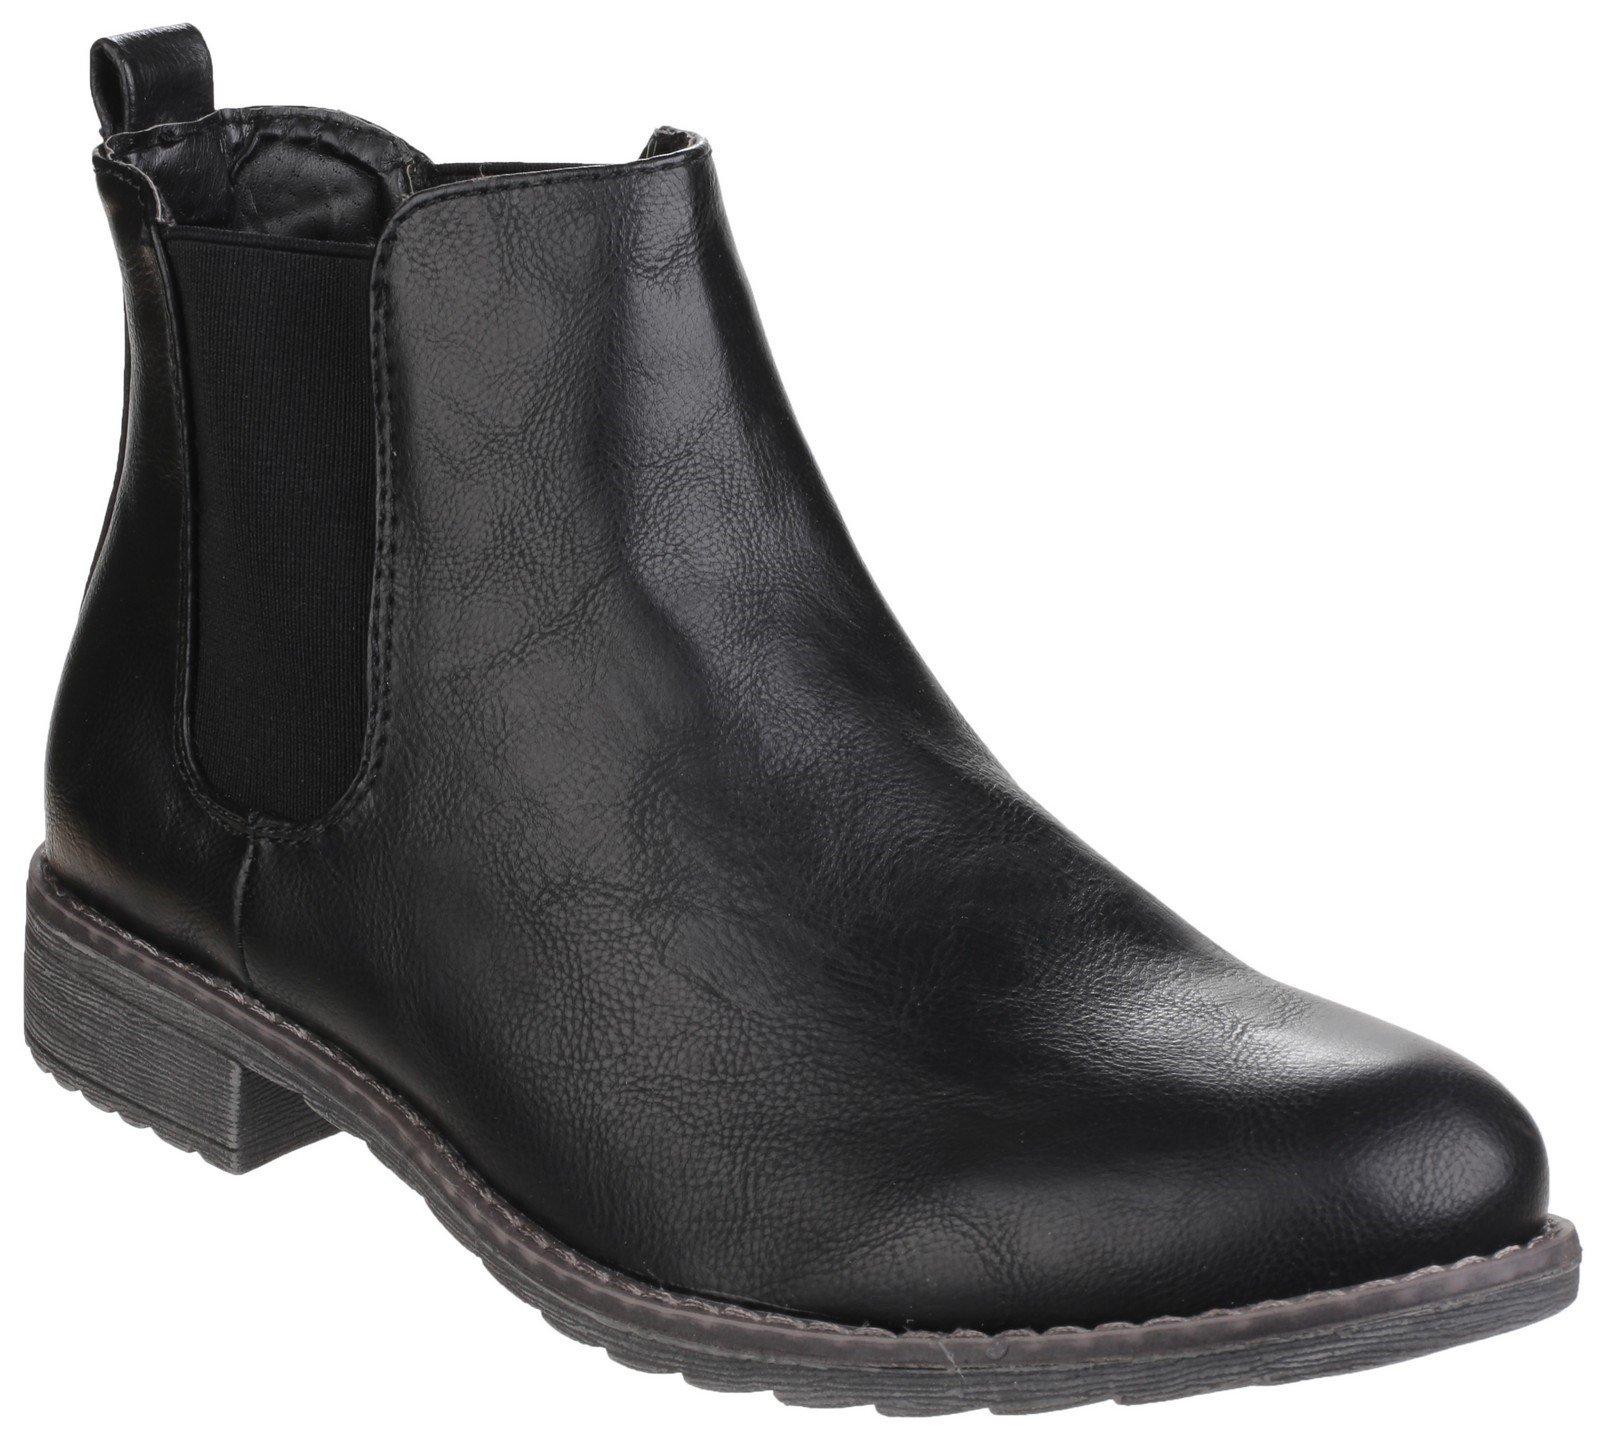 Divaz Women's Kelly Pull on Ankle Boot Black 24272-40022 - Black 3